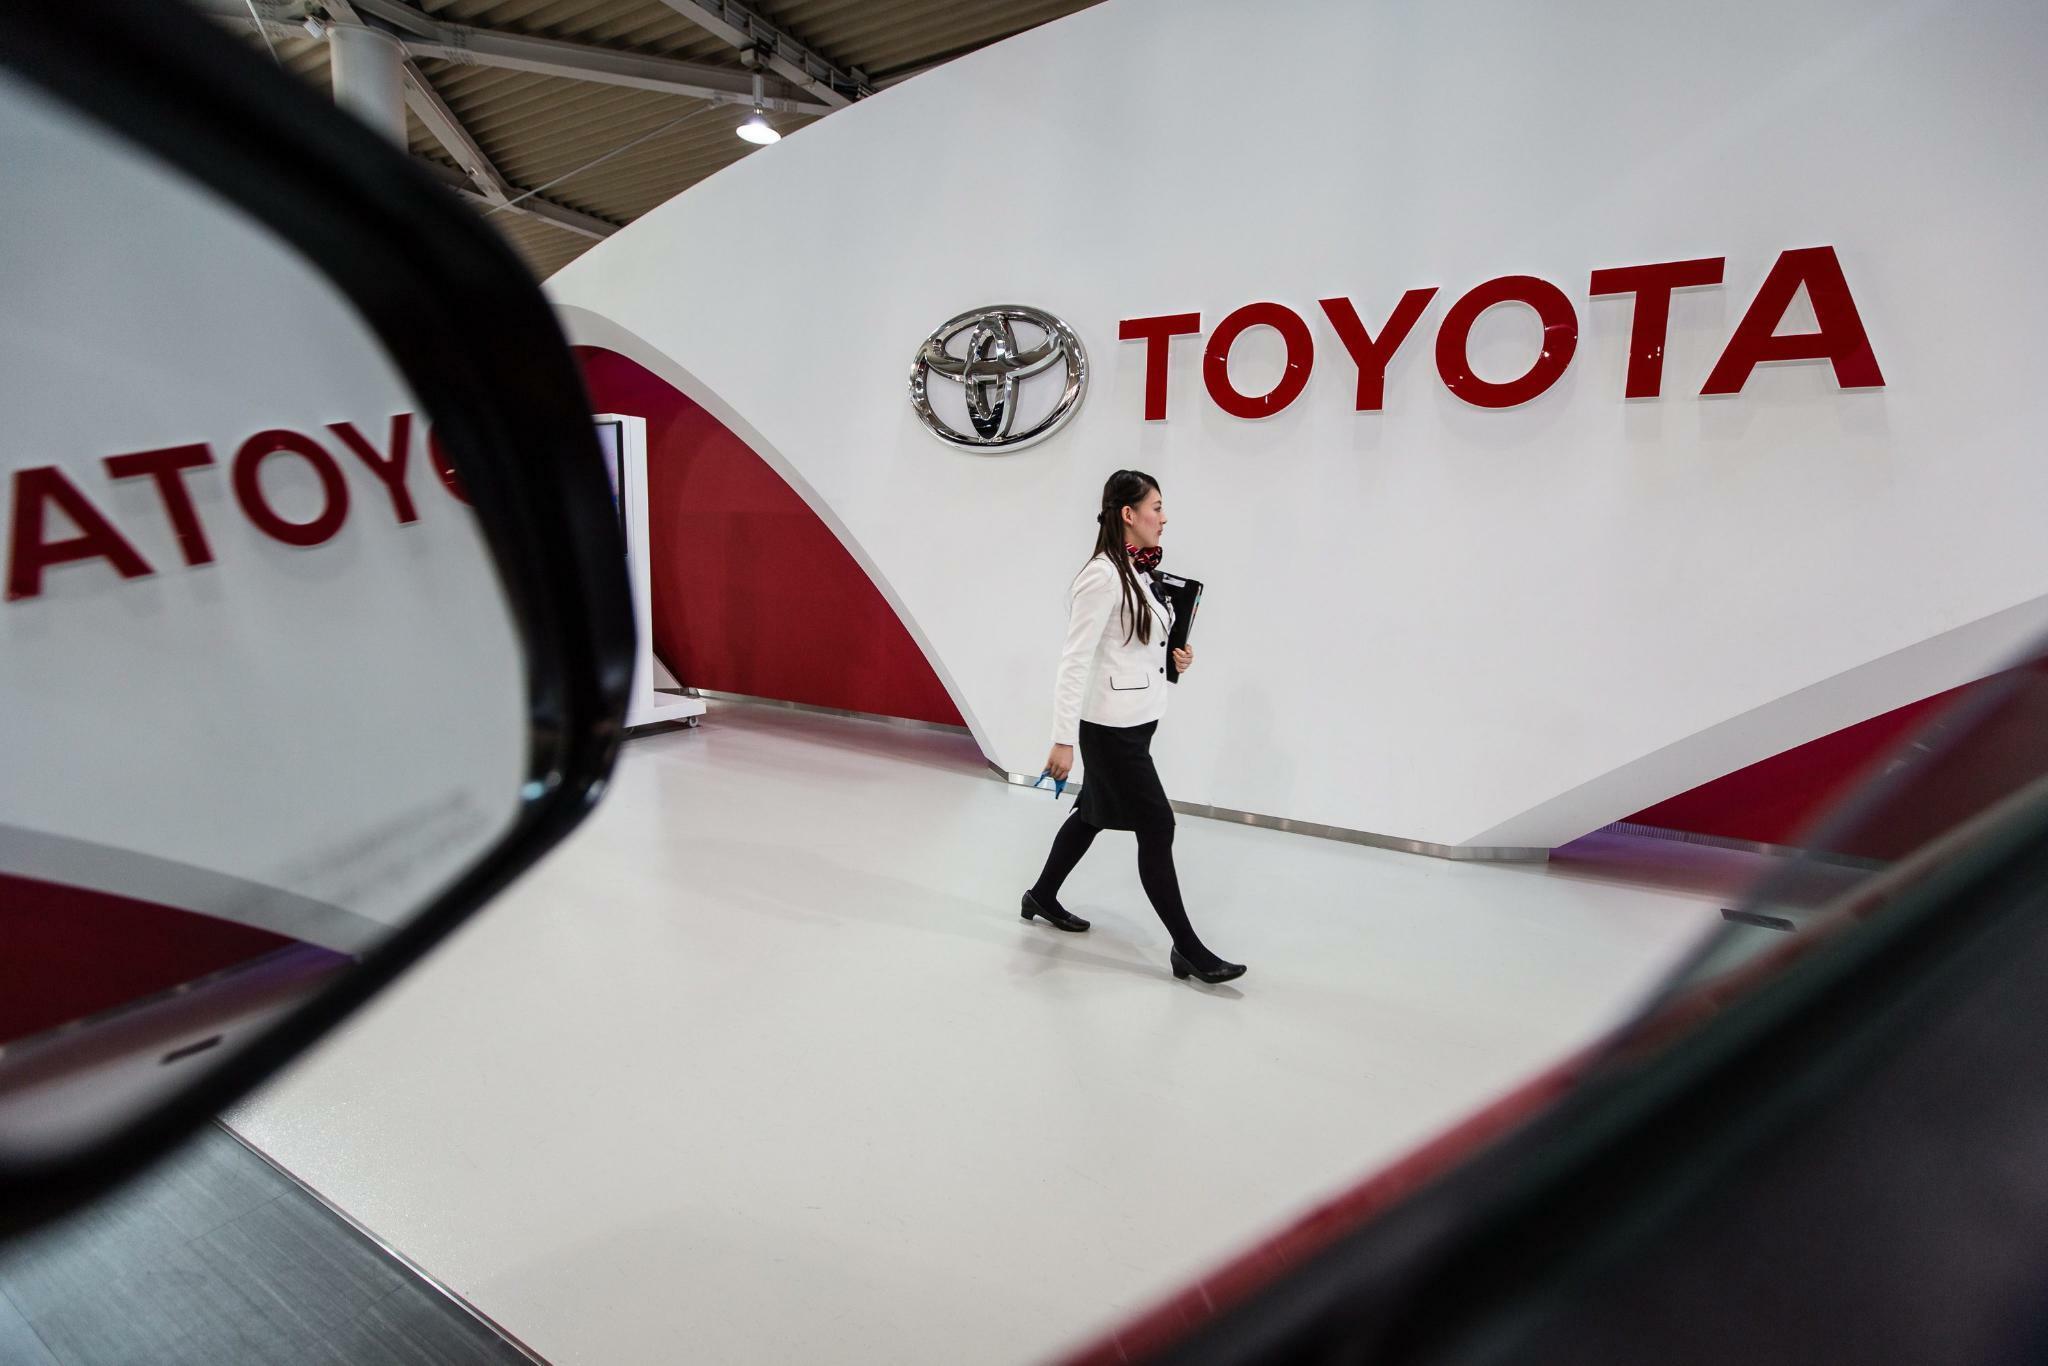 Japanische Autobauer setzen auf kleine Kurzstrecken-Elektroautos